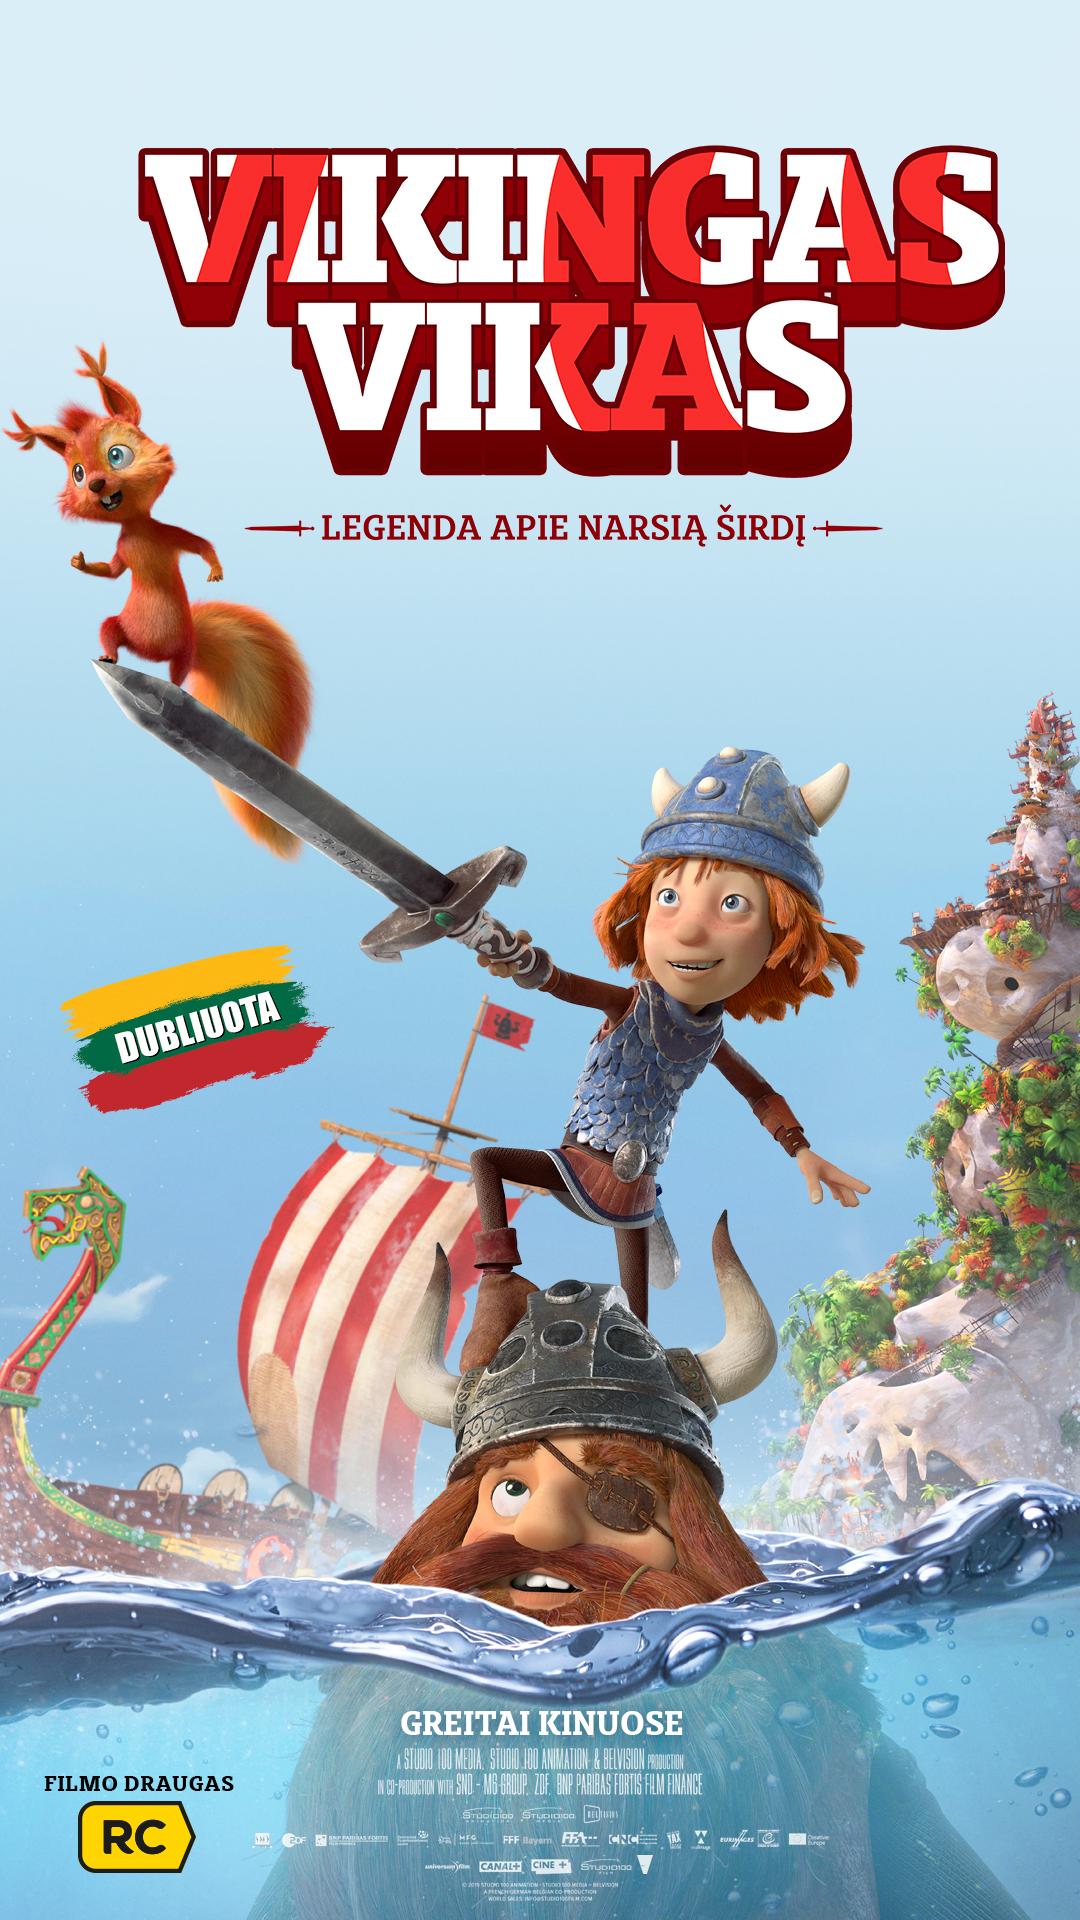 VIKINGAS VIKAS (Vic the Viking and the Magic Sword)